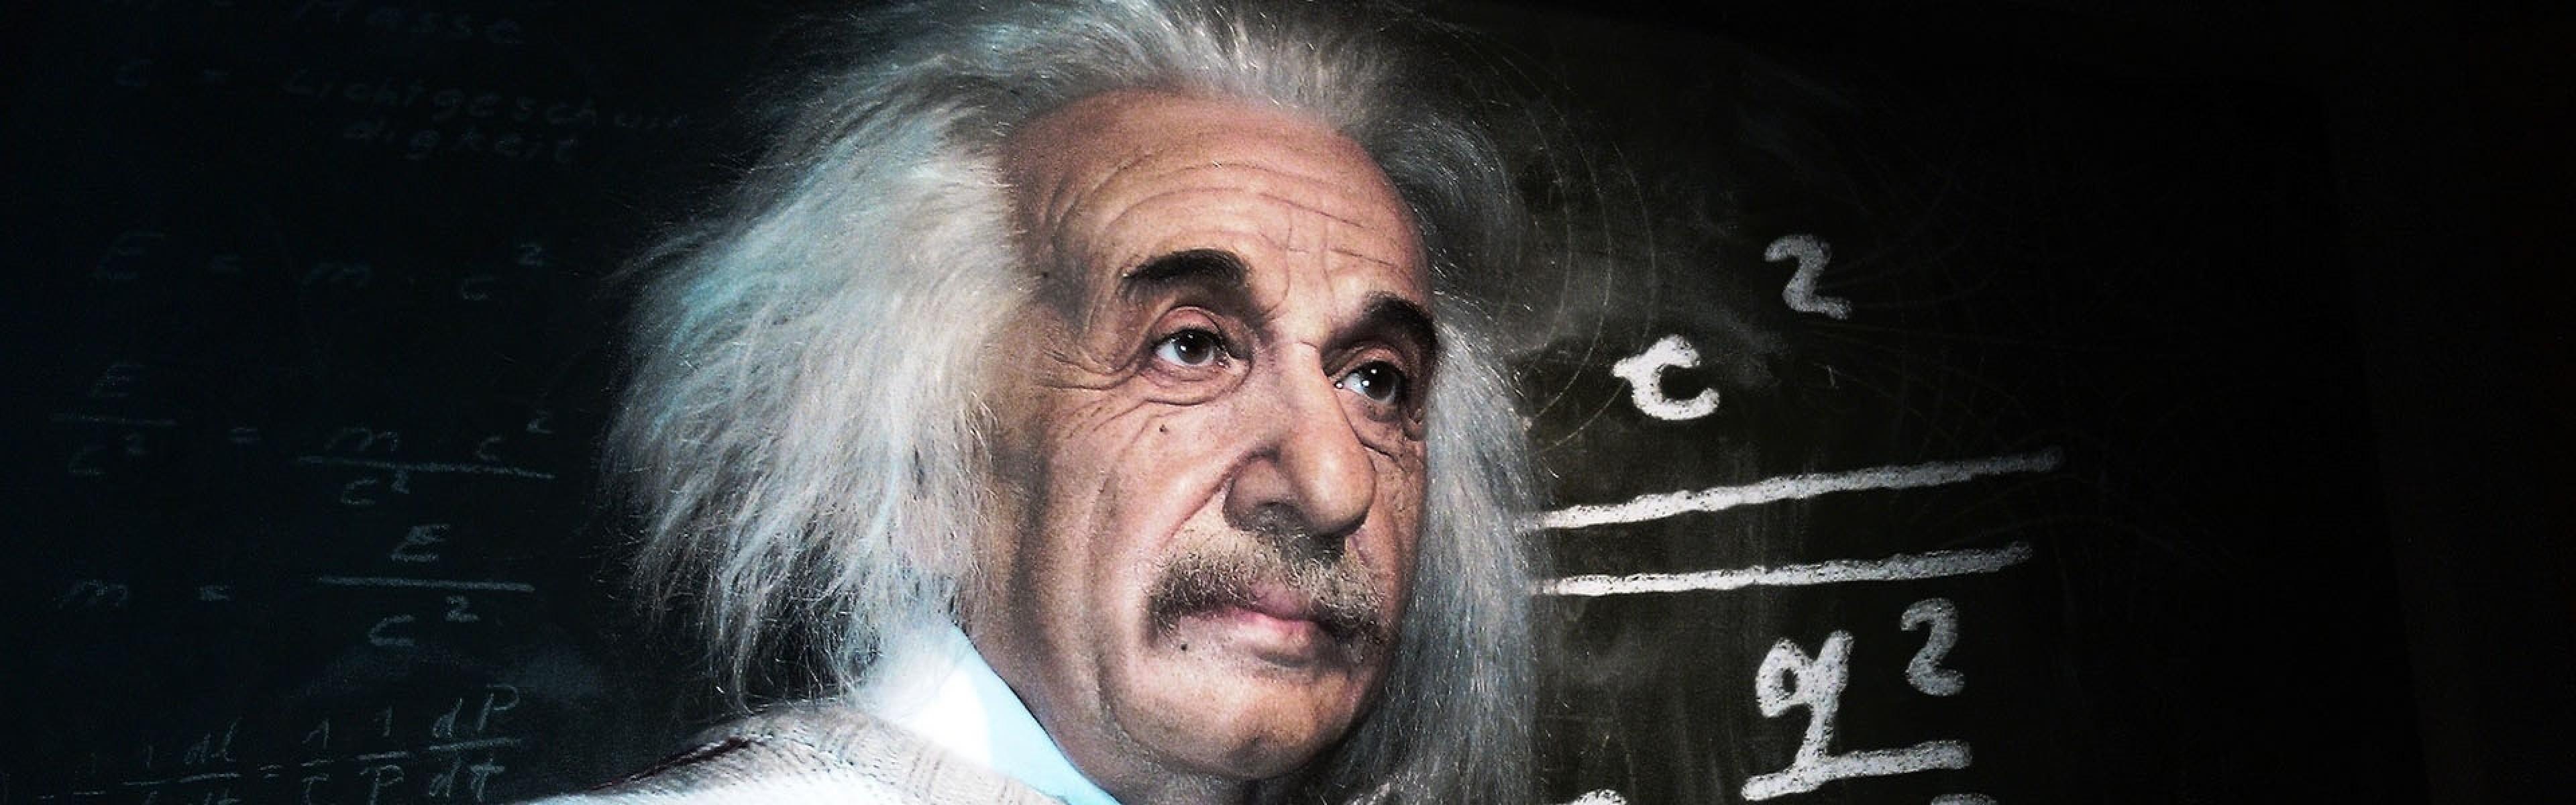 Wallpaper albert einstein, scientist, physicist